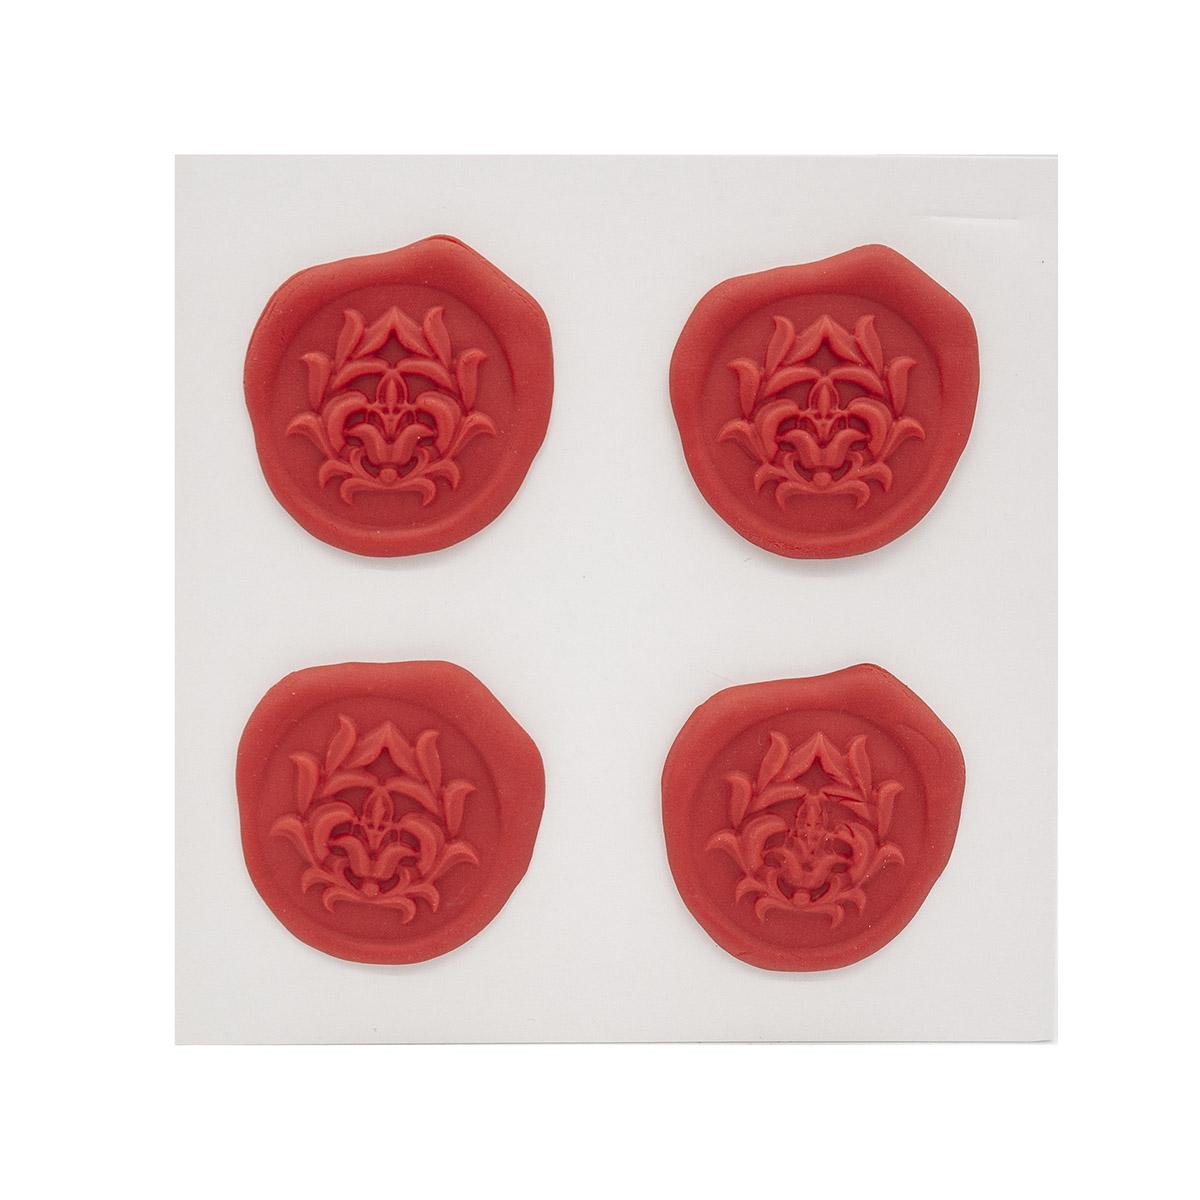 Оттиски печатей из полимерной глины 'Лотос' 30*35мм,